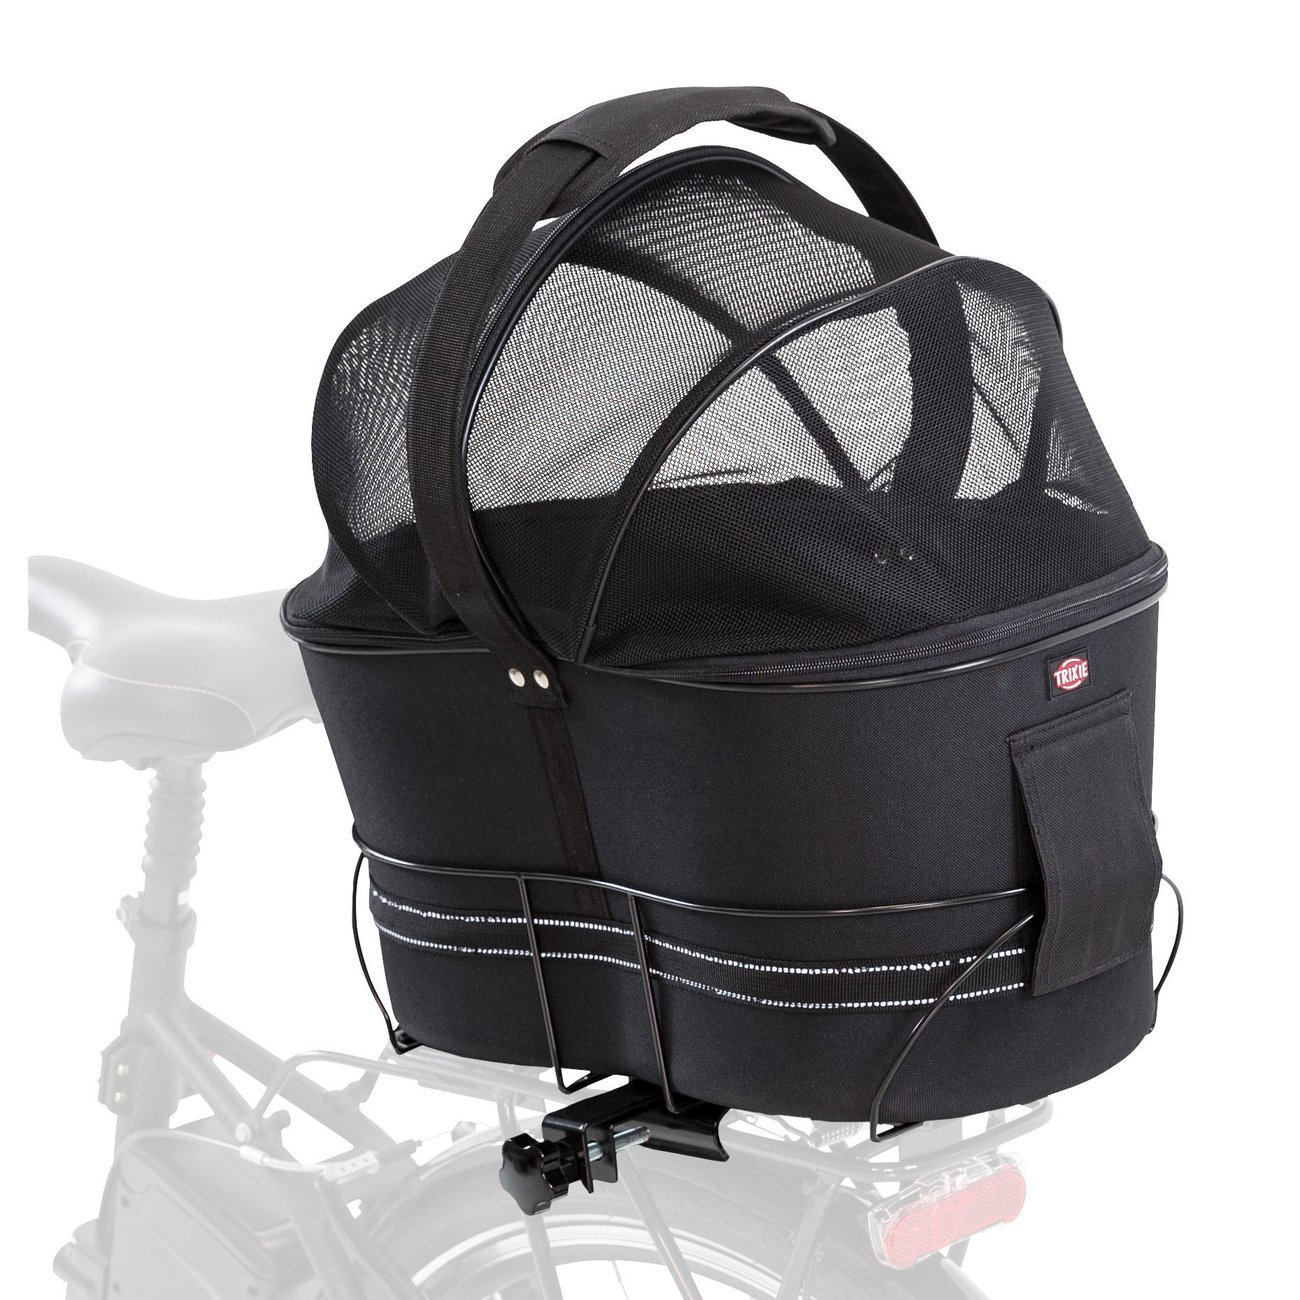 TRIXIE Hunde-Fahrradkorb für schmale Gepäckträger, 29 × 42 × 48 cm, schwarz